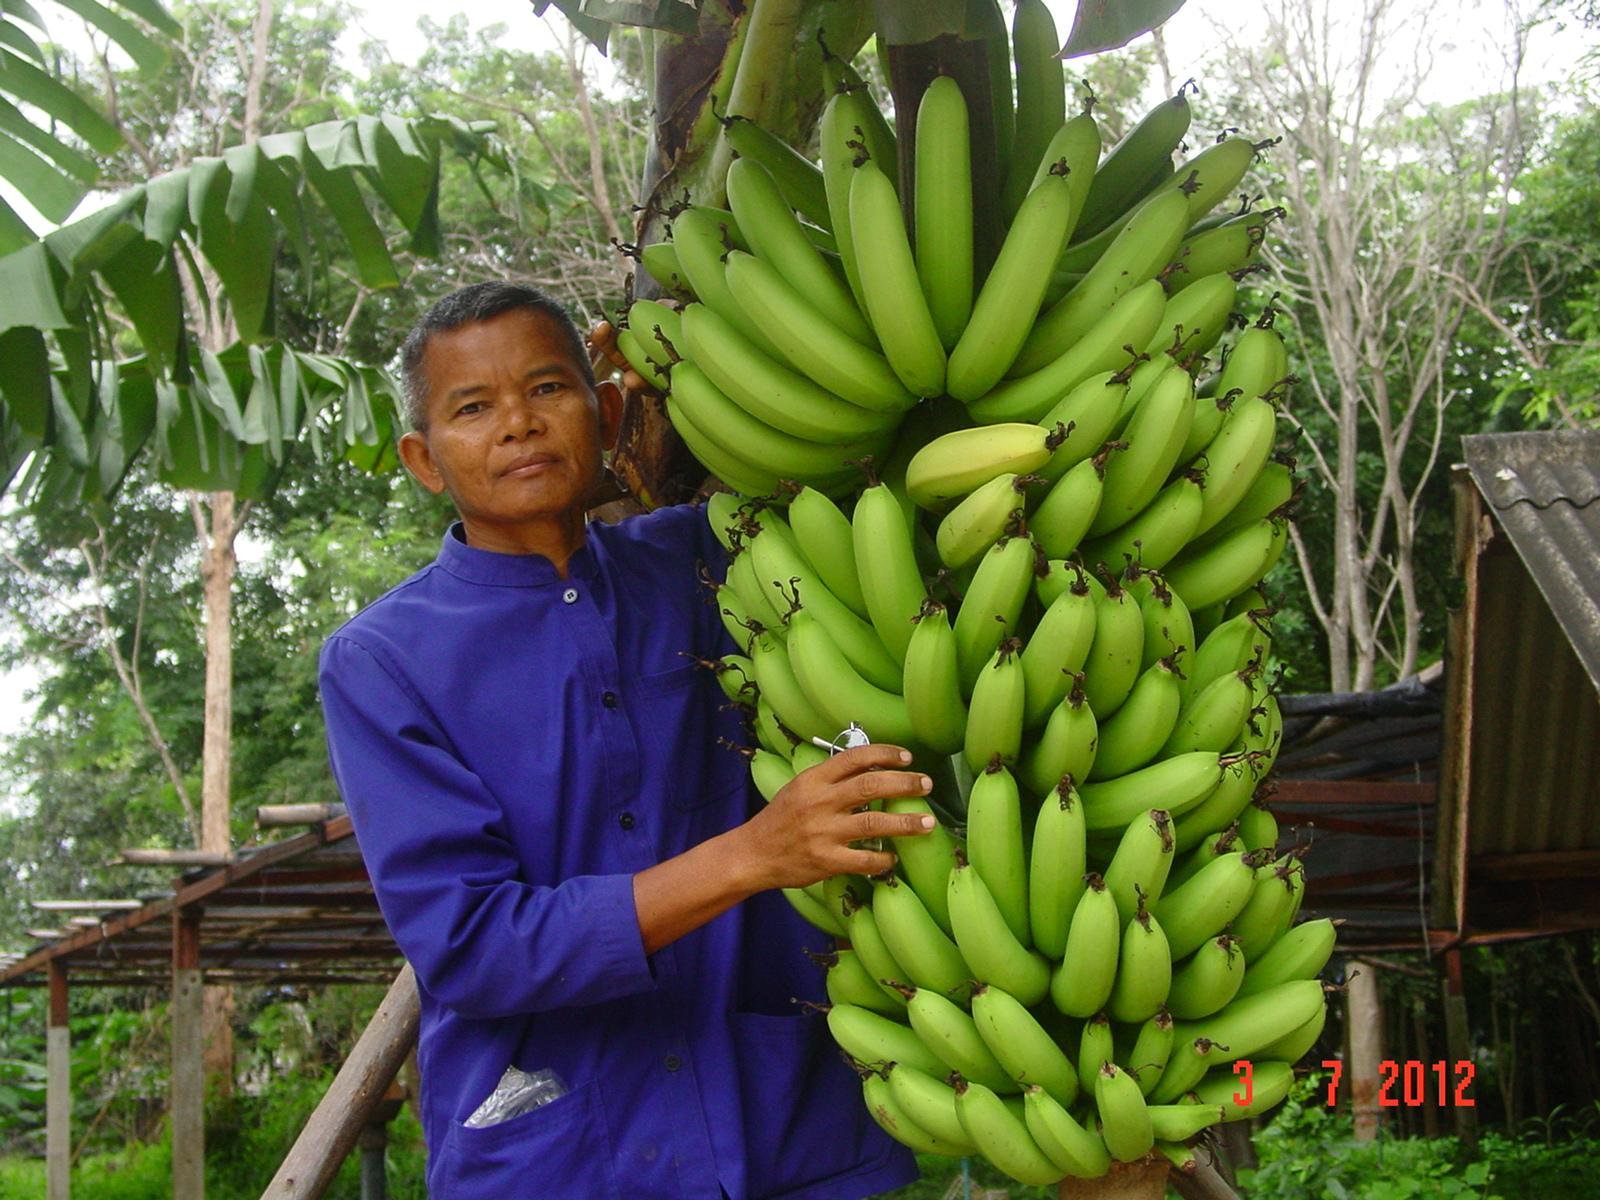 หีเด็ก10ขวบ ครู หรือ คุรุ ผู้สอนต้องตั้งตนให้สมควรก่อน ทำได้ก่อนจึงสอนเด็ก ภาพผลผลิตกล้วยหอม ที่ครูได้ทดลองปลูกให้เด็กได้ดูเป็นตัวอย่าง เพื่อเป็นสื่อการสอน